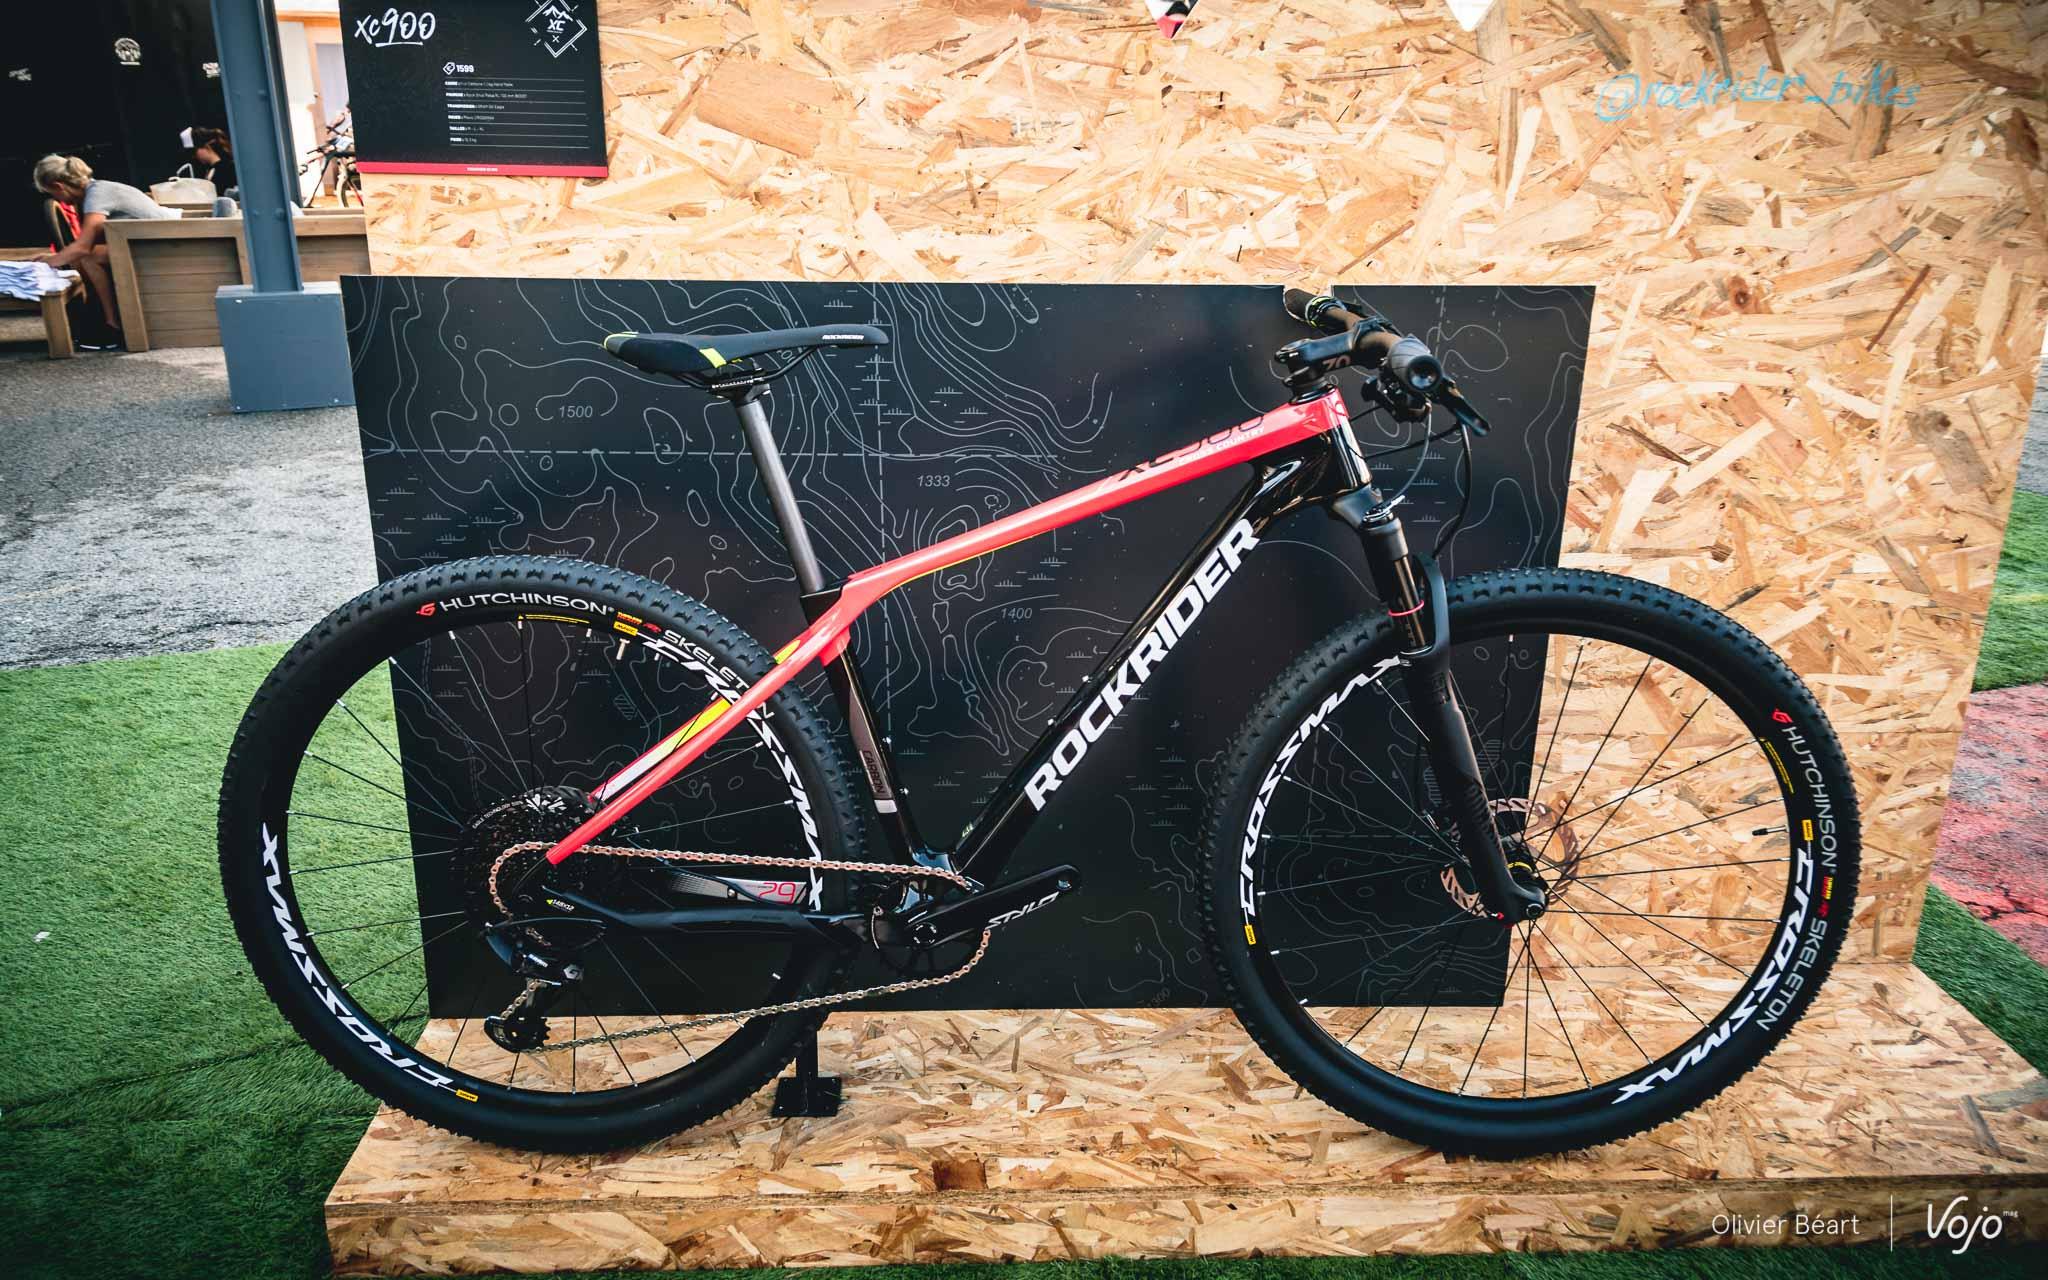 0c0fdcb4c Ce modèle de série s appellera Rockrider XC900 et il sera équipé en GX Eagle